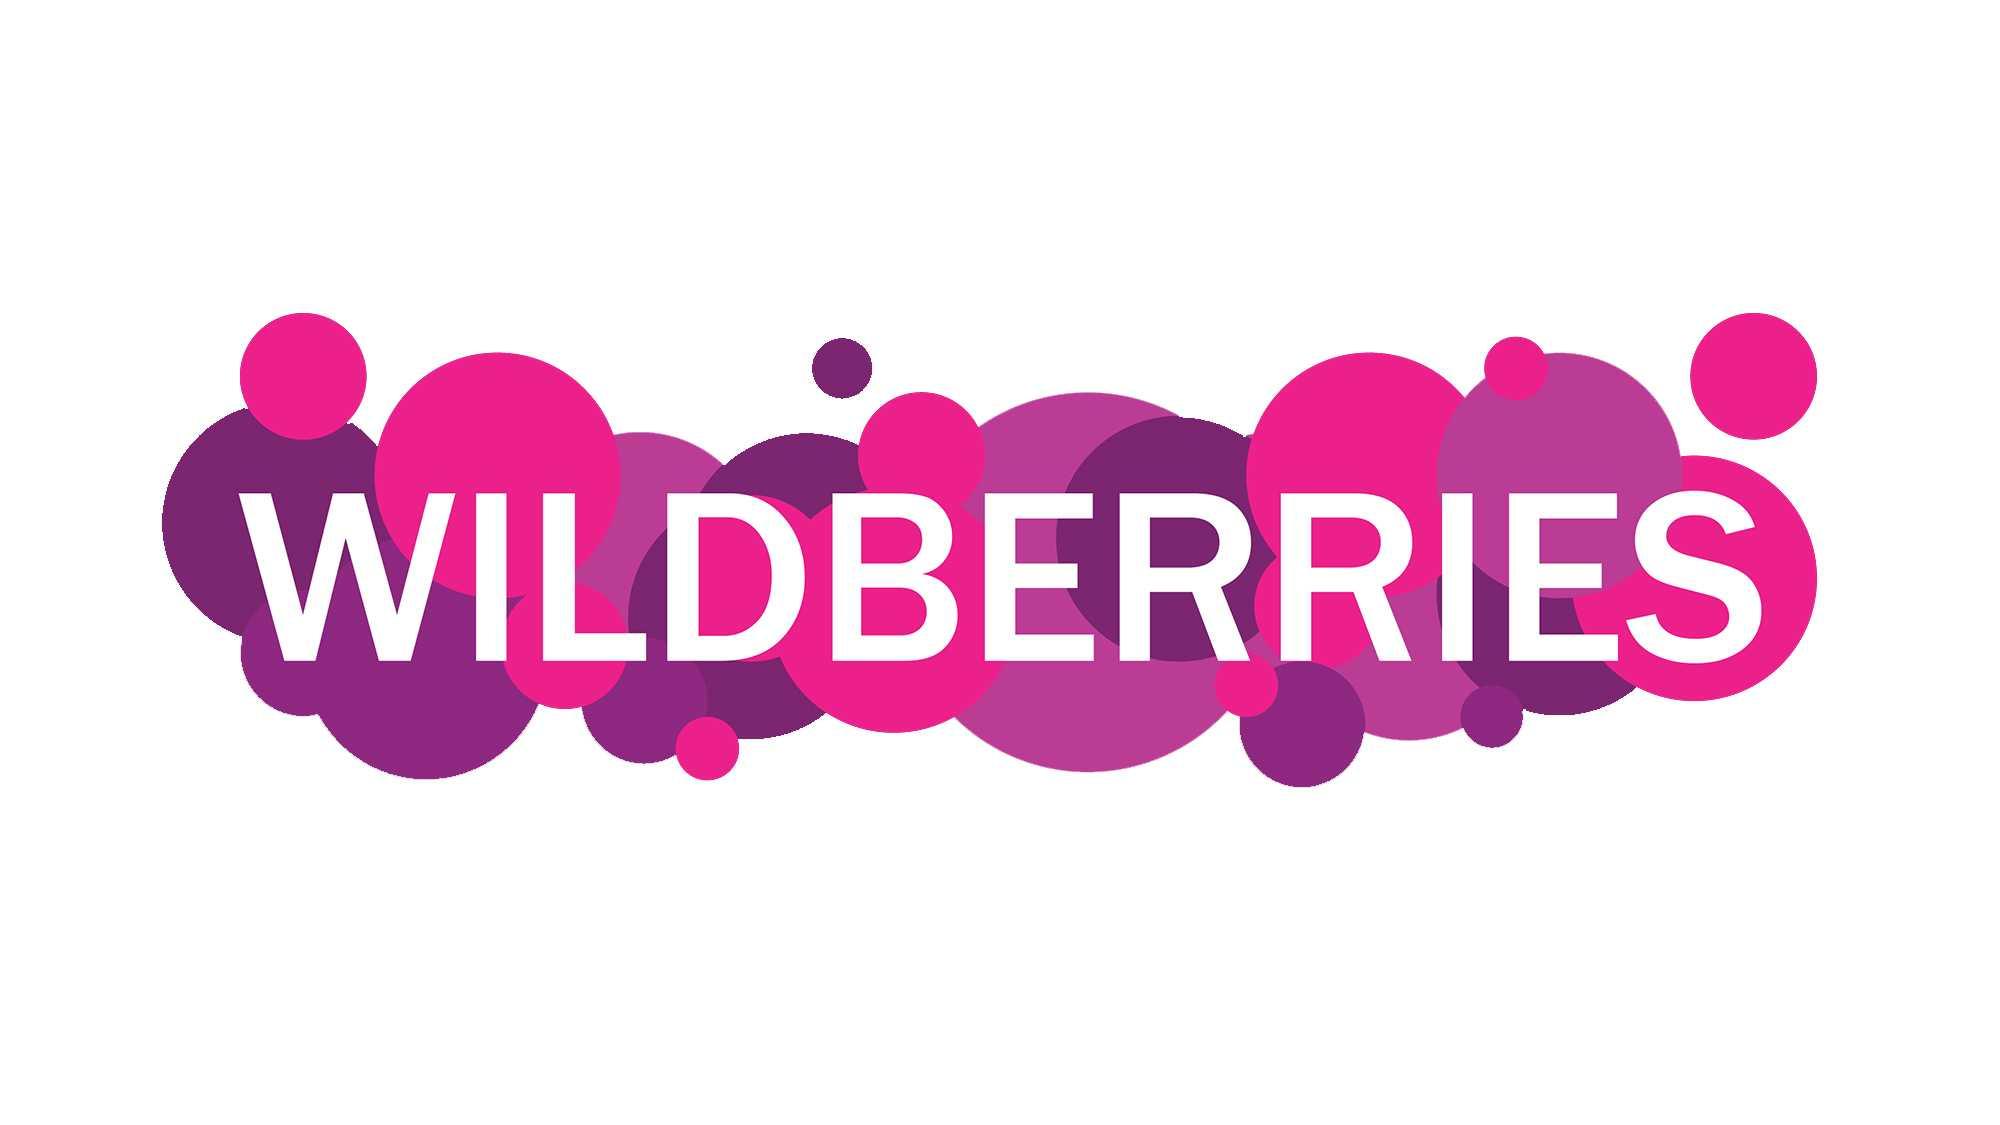 Что происходит с Вайлдберриз сейчас? Склады закрыты!!! Новости и важная информация для поставщиков Wildberries — 22/12/2020 - WBCON.RU